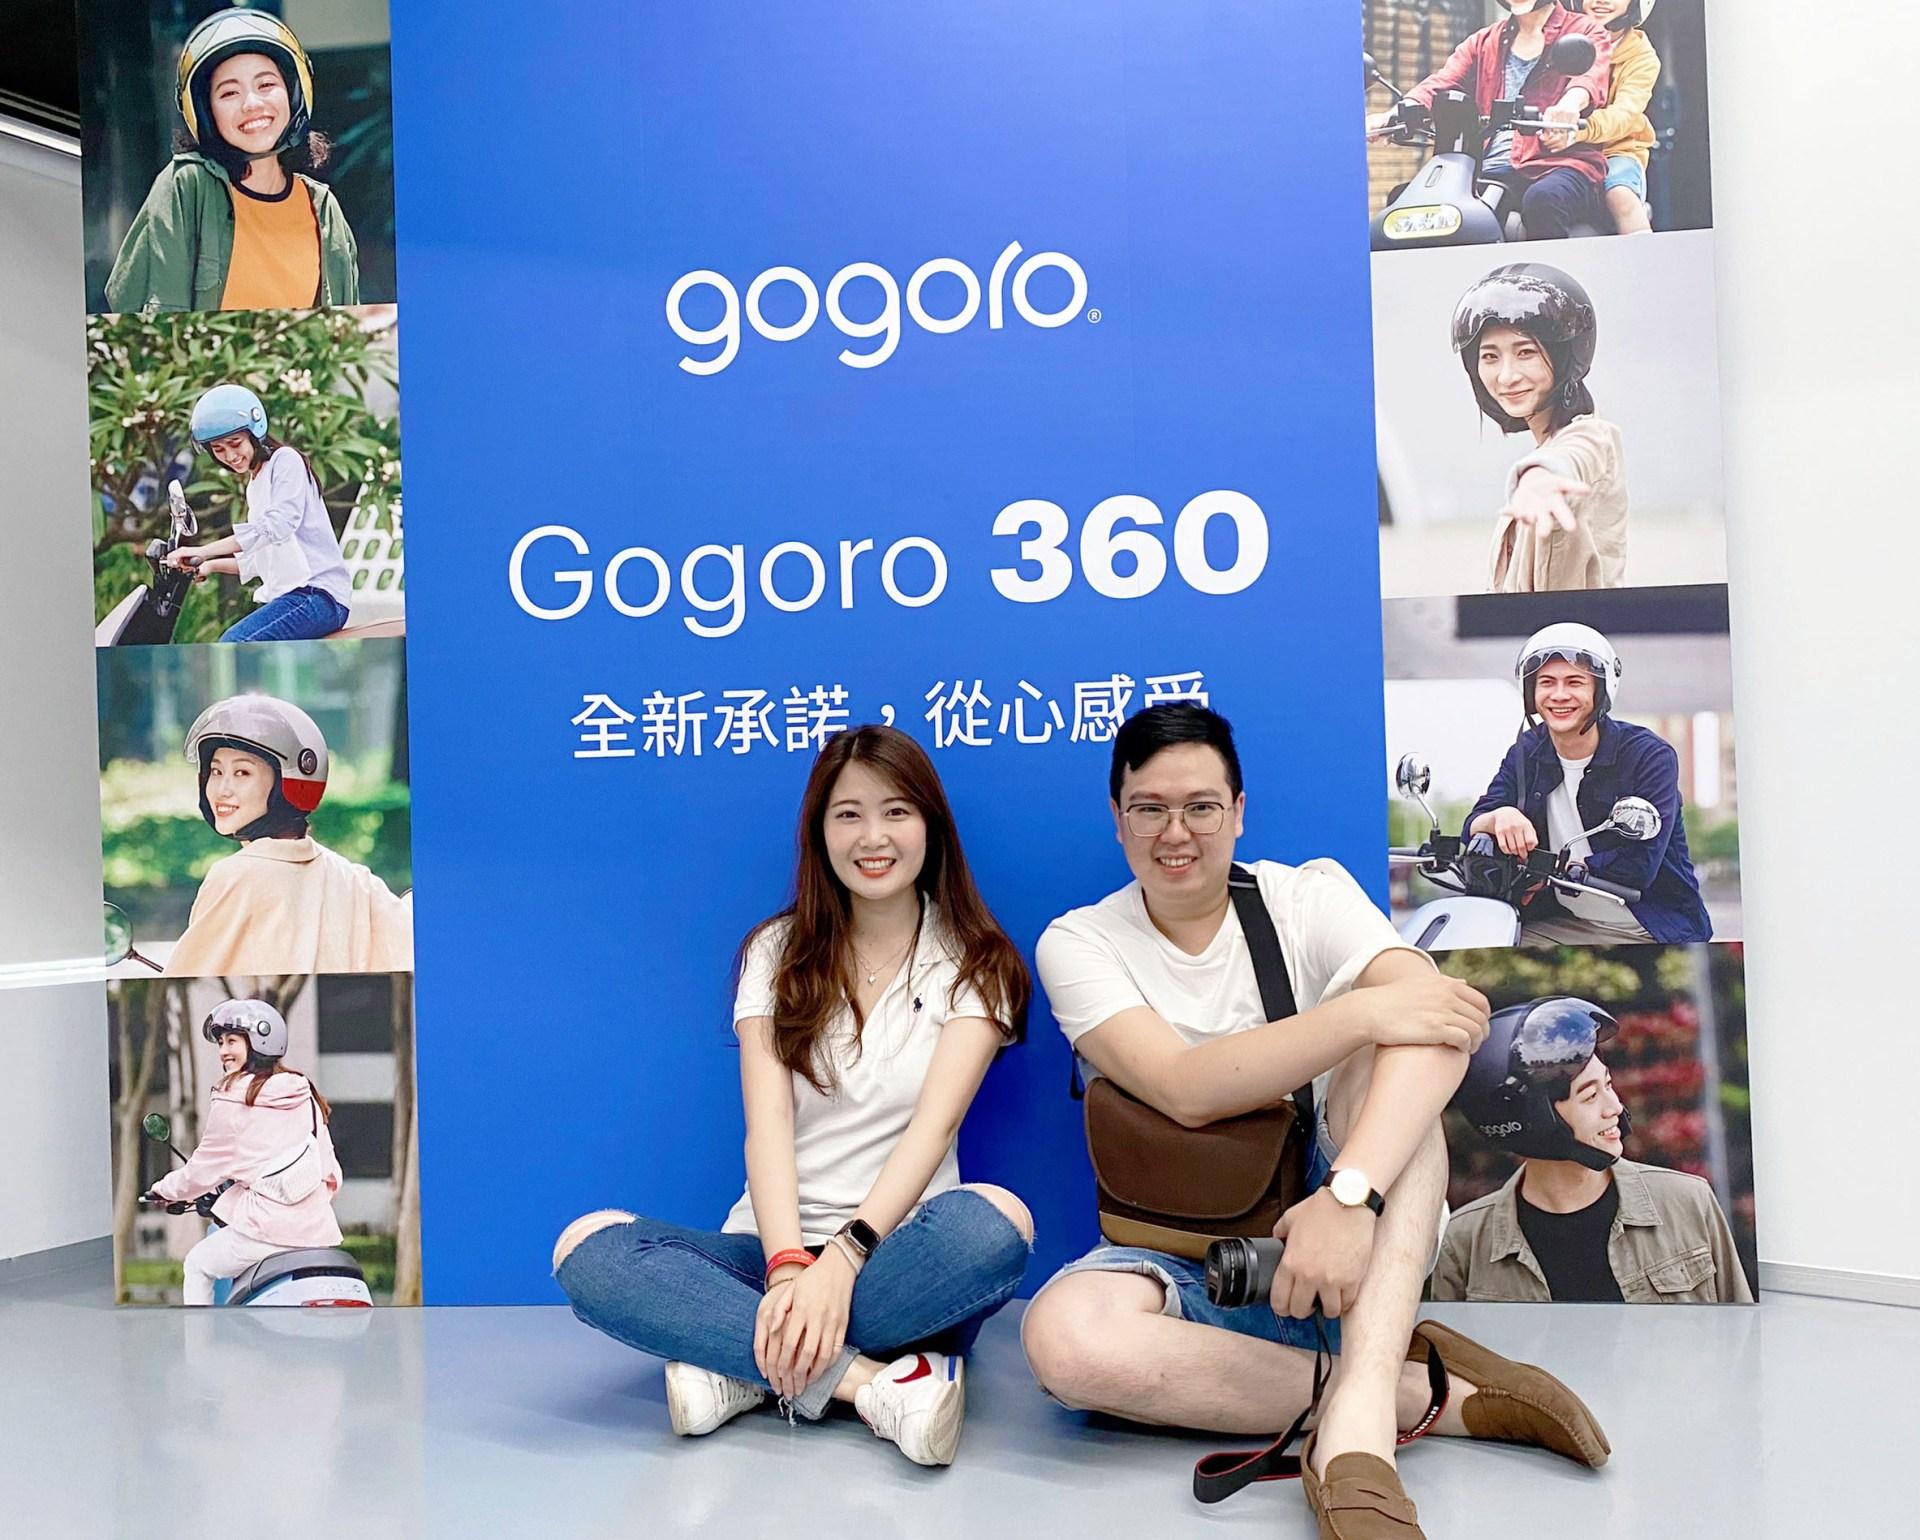 Gogoro 心得評價-台中中港門市開幕活動46